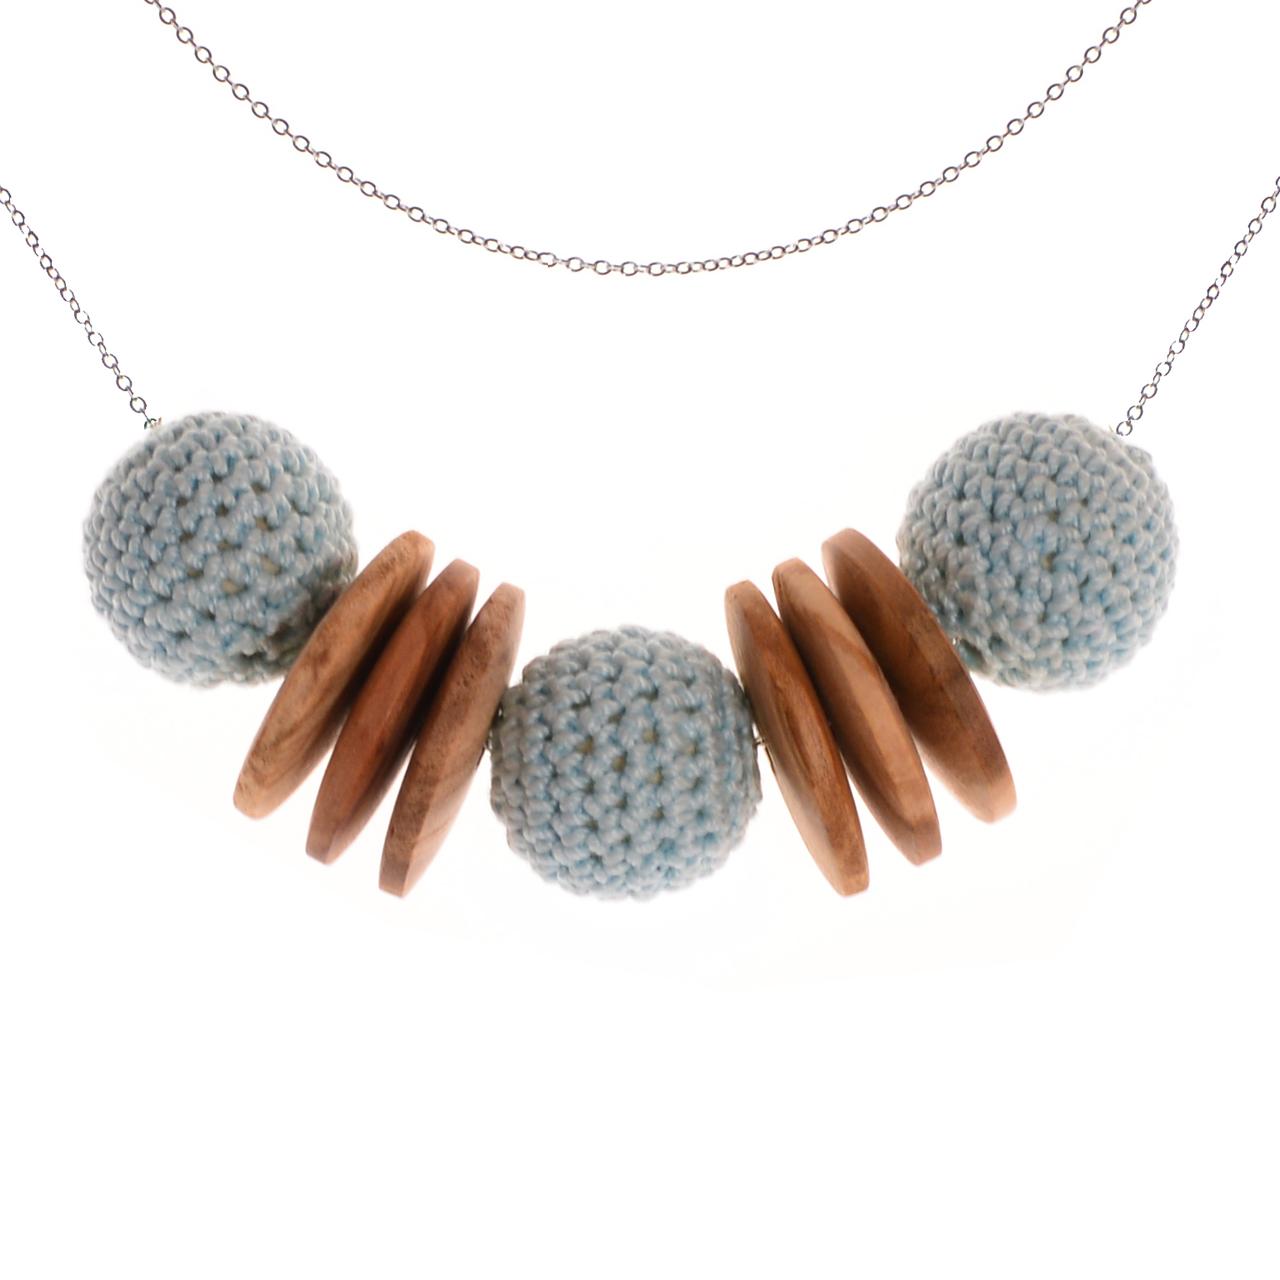 Mon Bijou - Necklace Elegance Nature - Light Grey | The Design Gift Shop